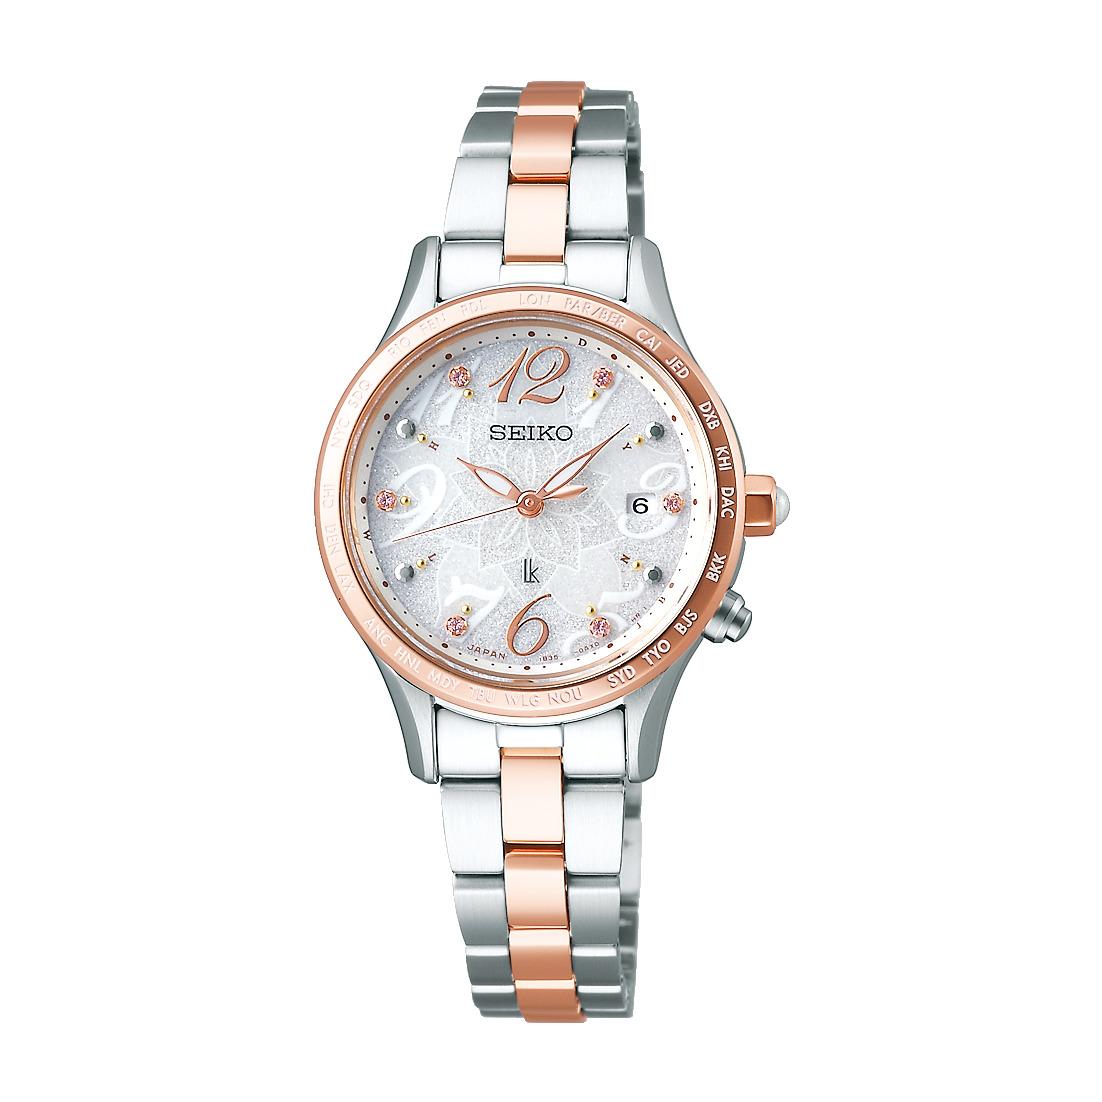 ルキア LUKIA セイコー SEIKO SSVV044 ソーラー電波 2019 クリスマス限定モデル 限定3000本 正規品 腕時計